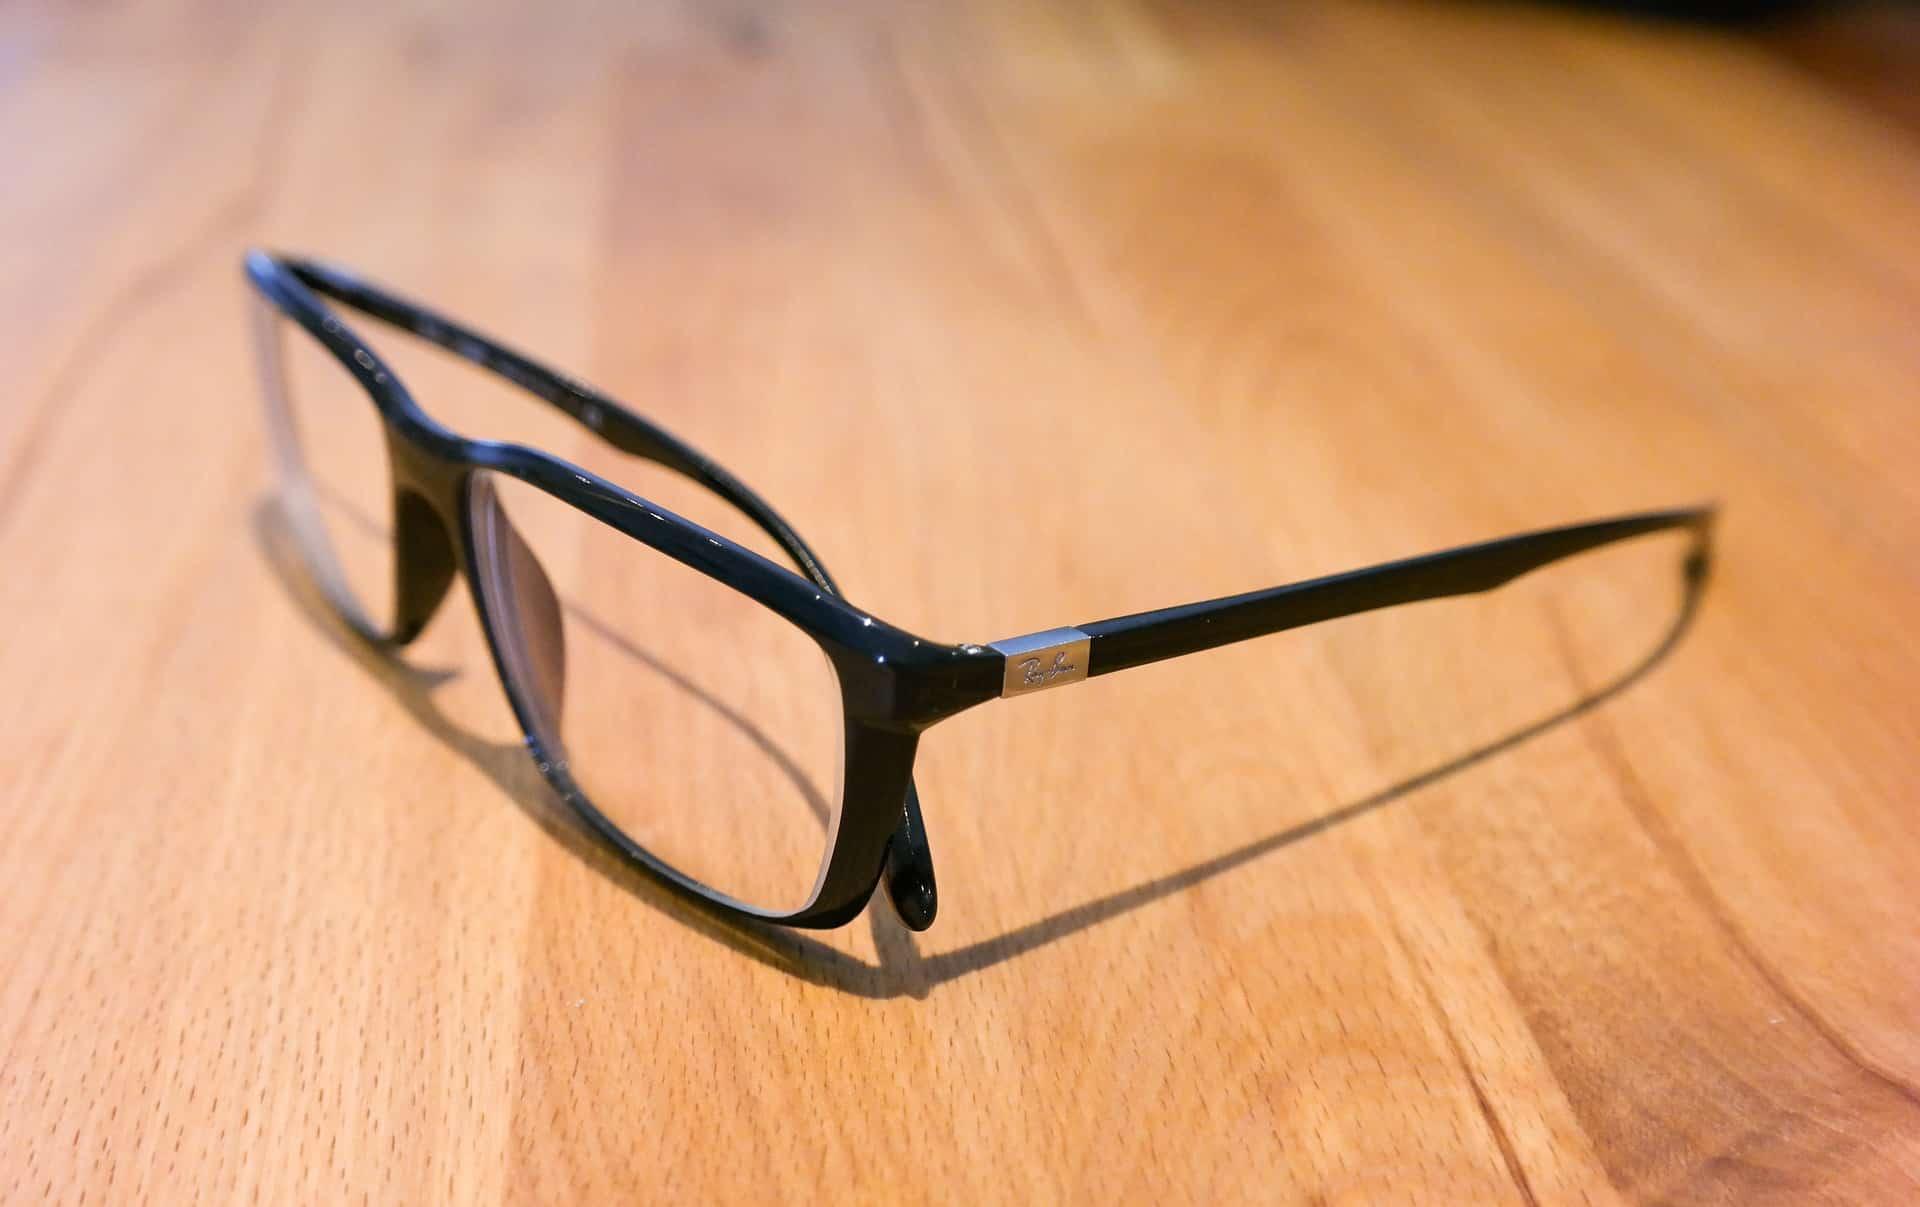 Jak čistit brýle? Stačí voda a mikrovlákno